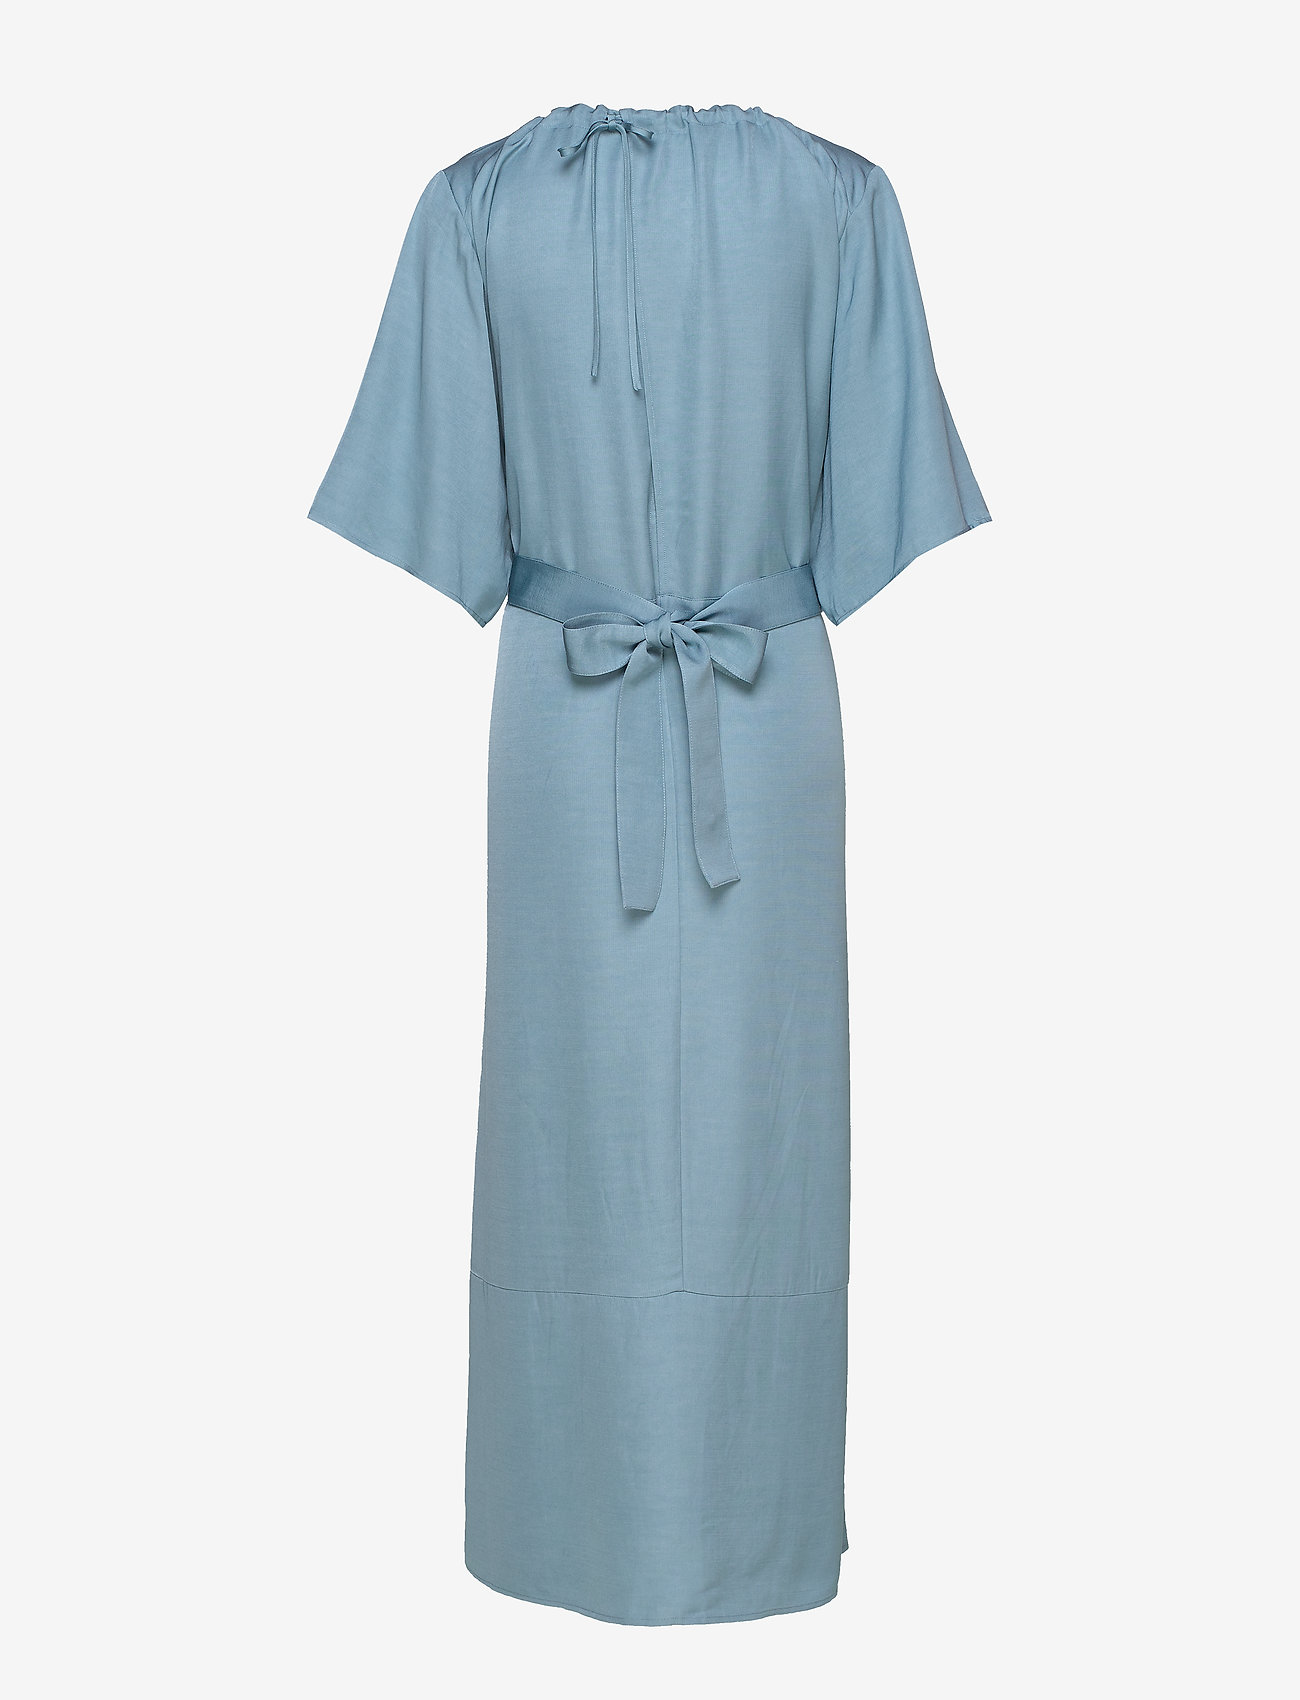 Filippa K - Ella Dress - blue heave - 1